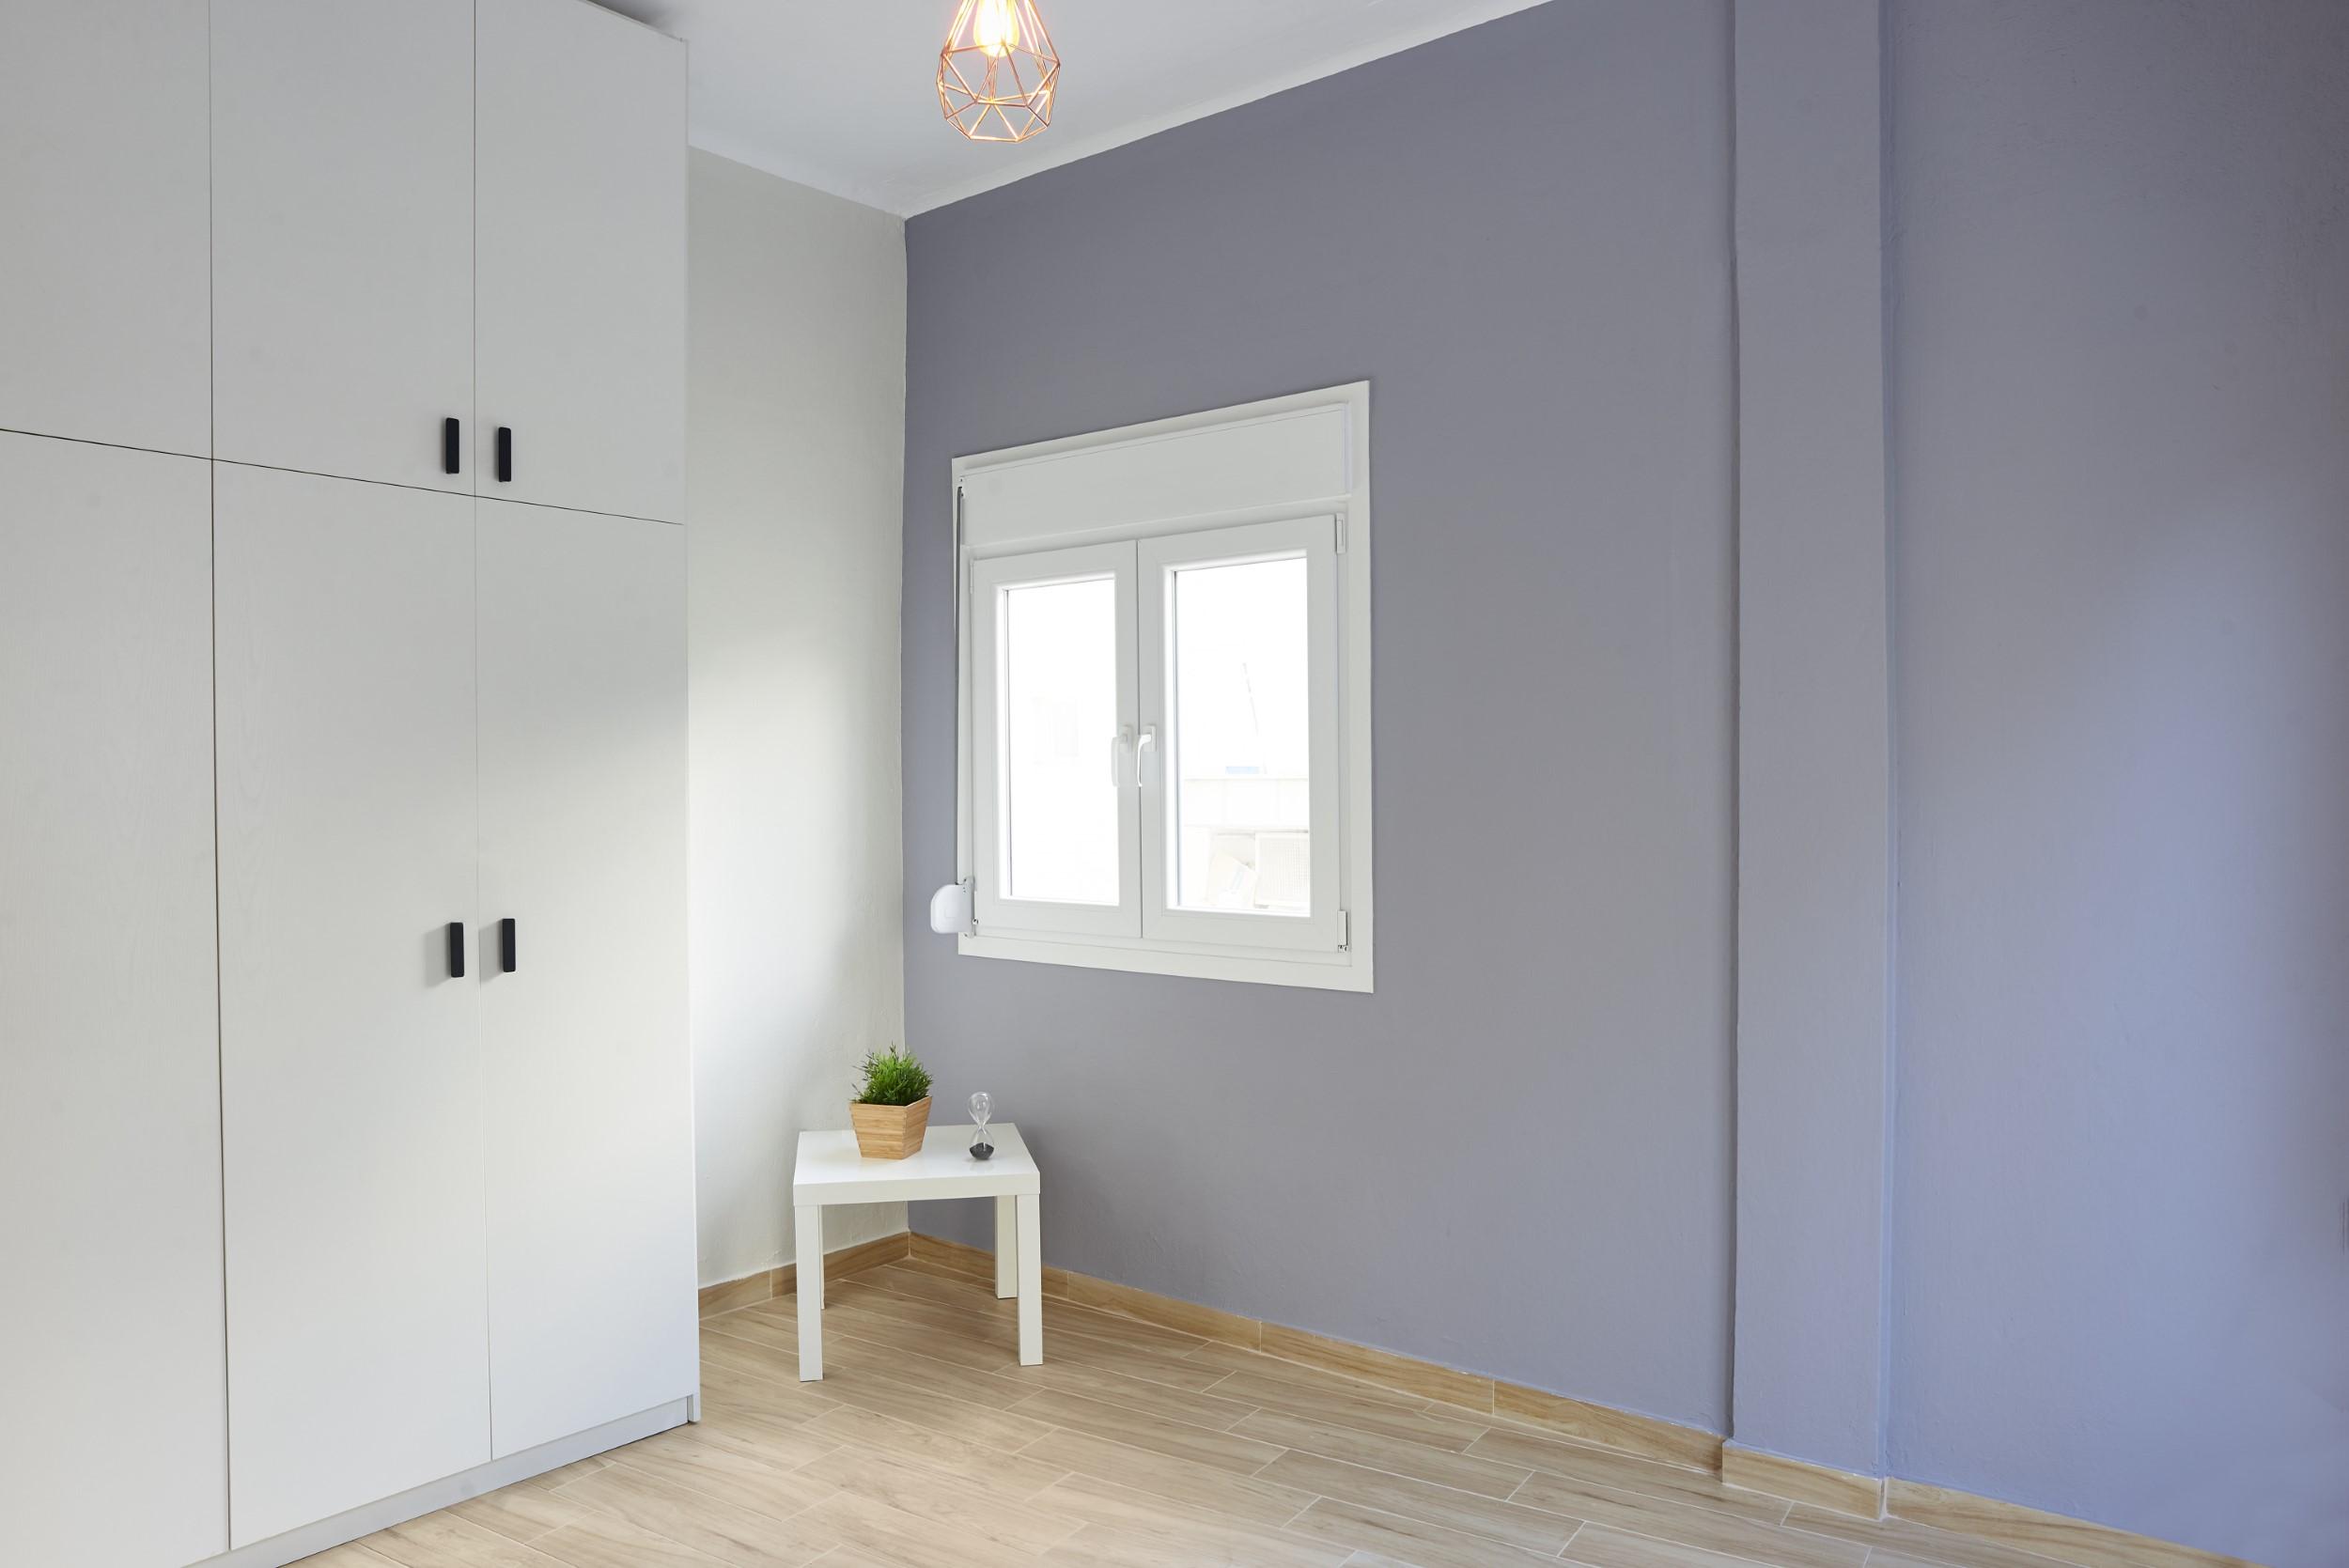 Δωμάτιο με παράθυρο και μπαλκονόπορτα Nikos Simitsoglou C 04 (custom)